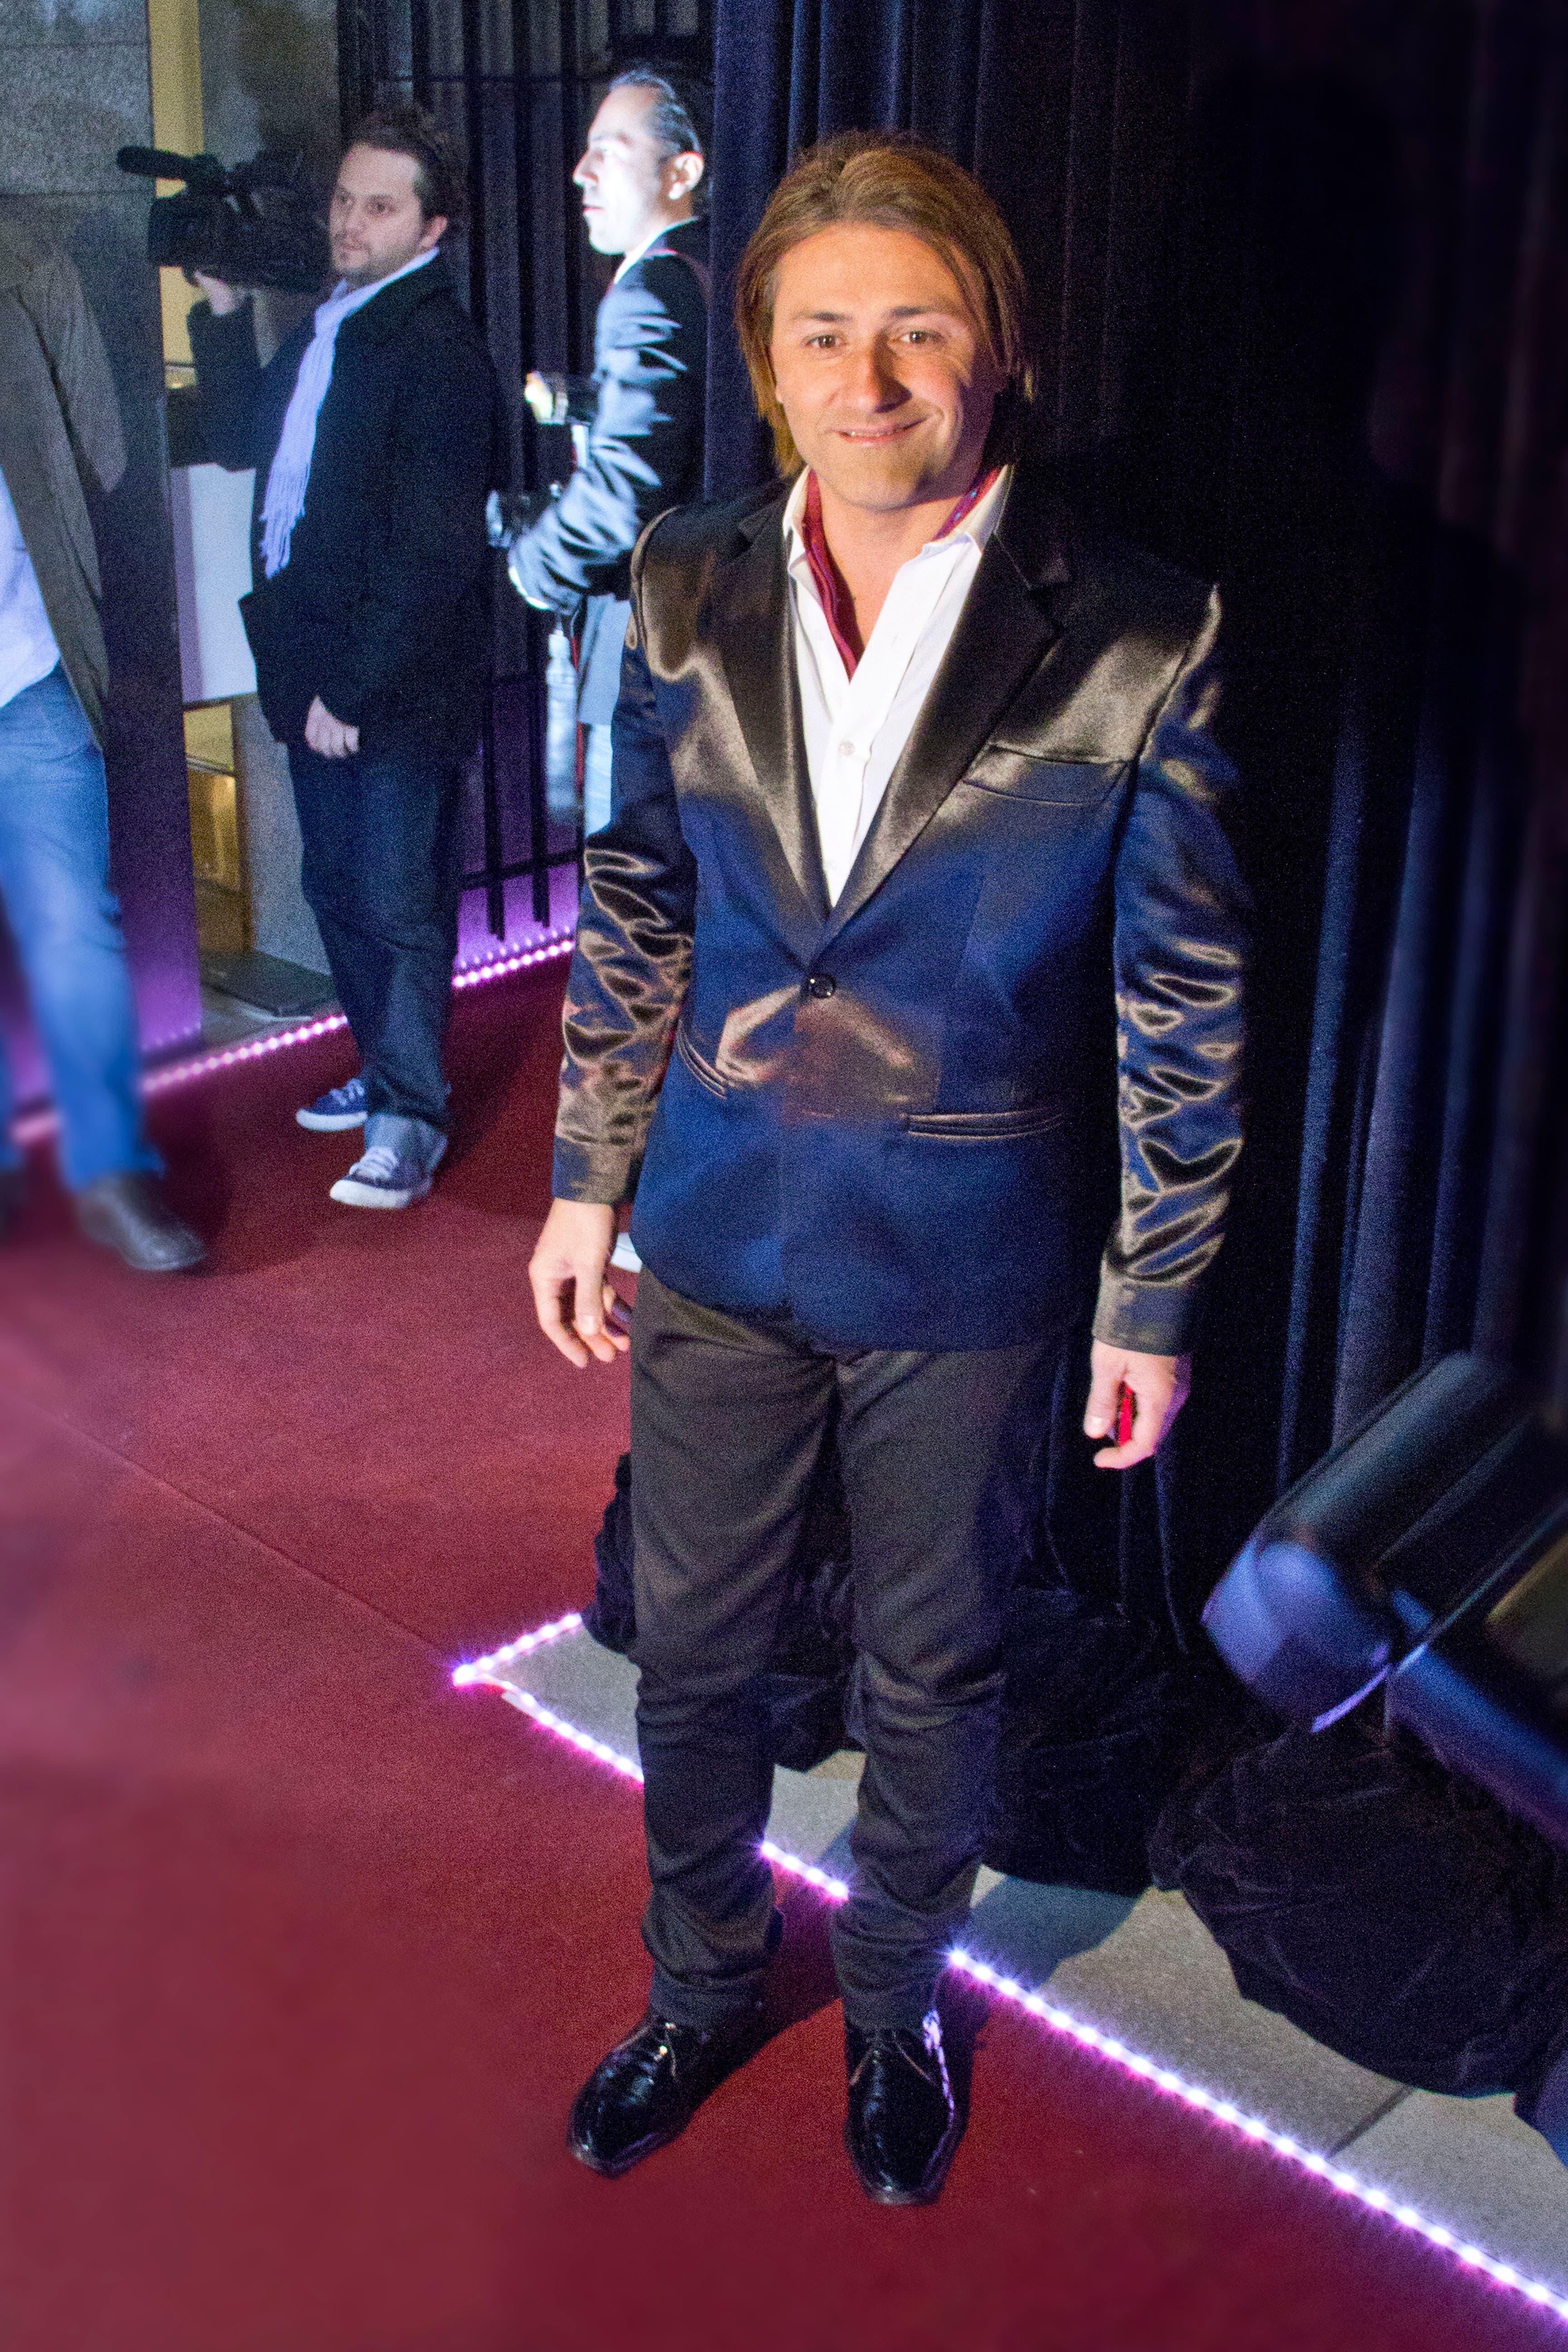 Daniel Gómez Rinaldi, en la alfombra roja. Foto: /hola.com.ar